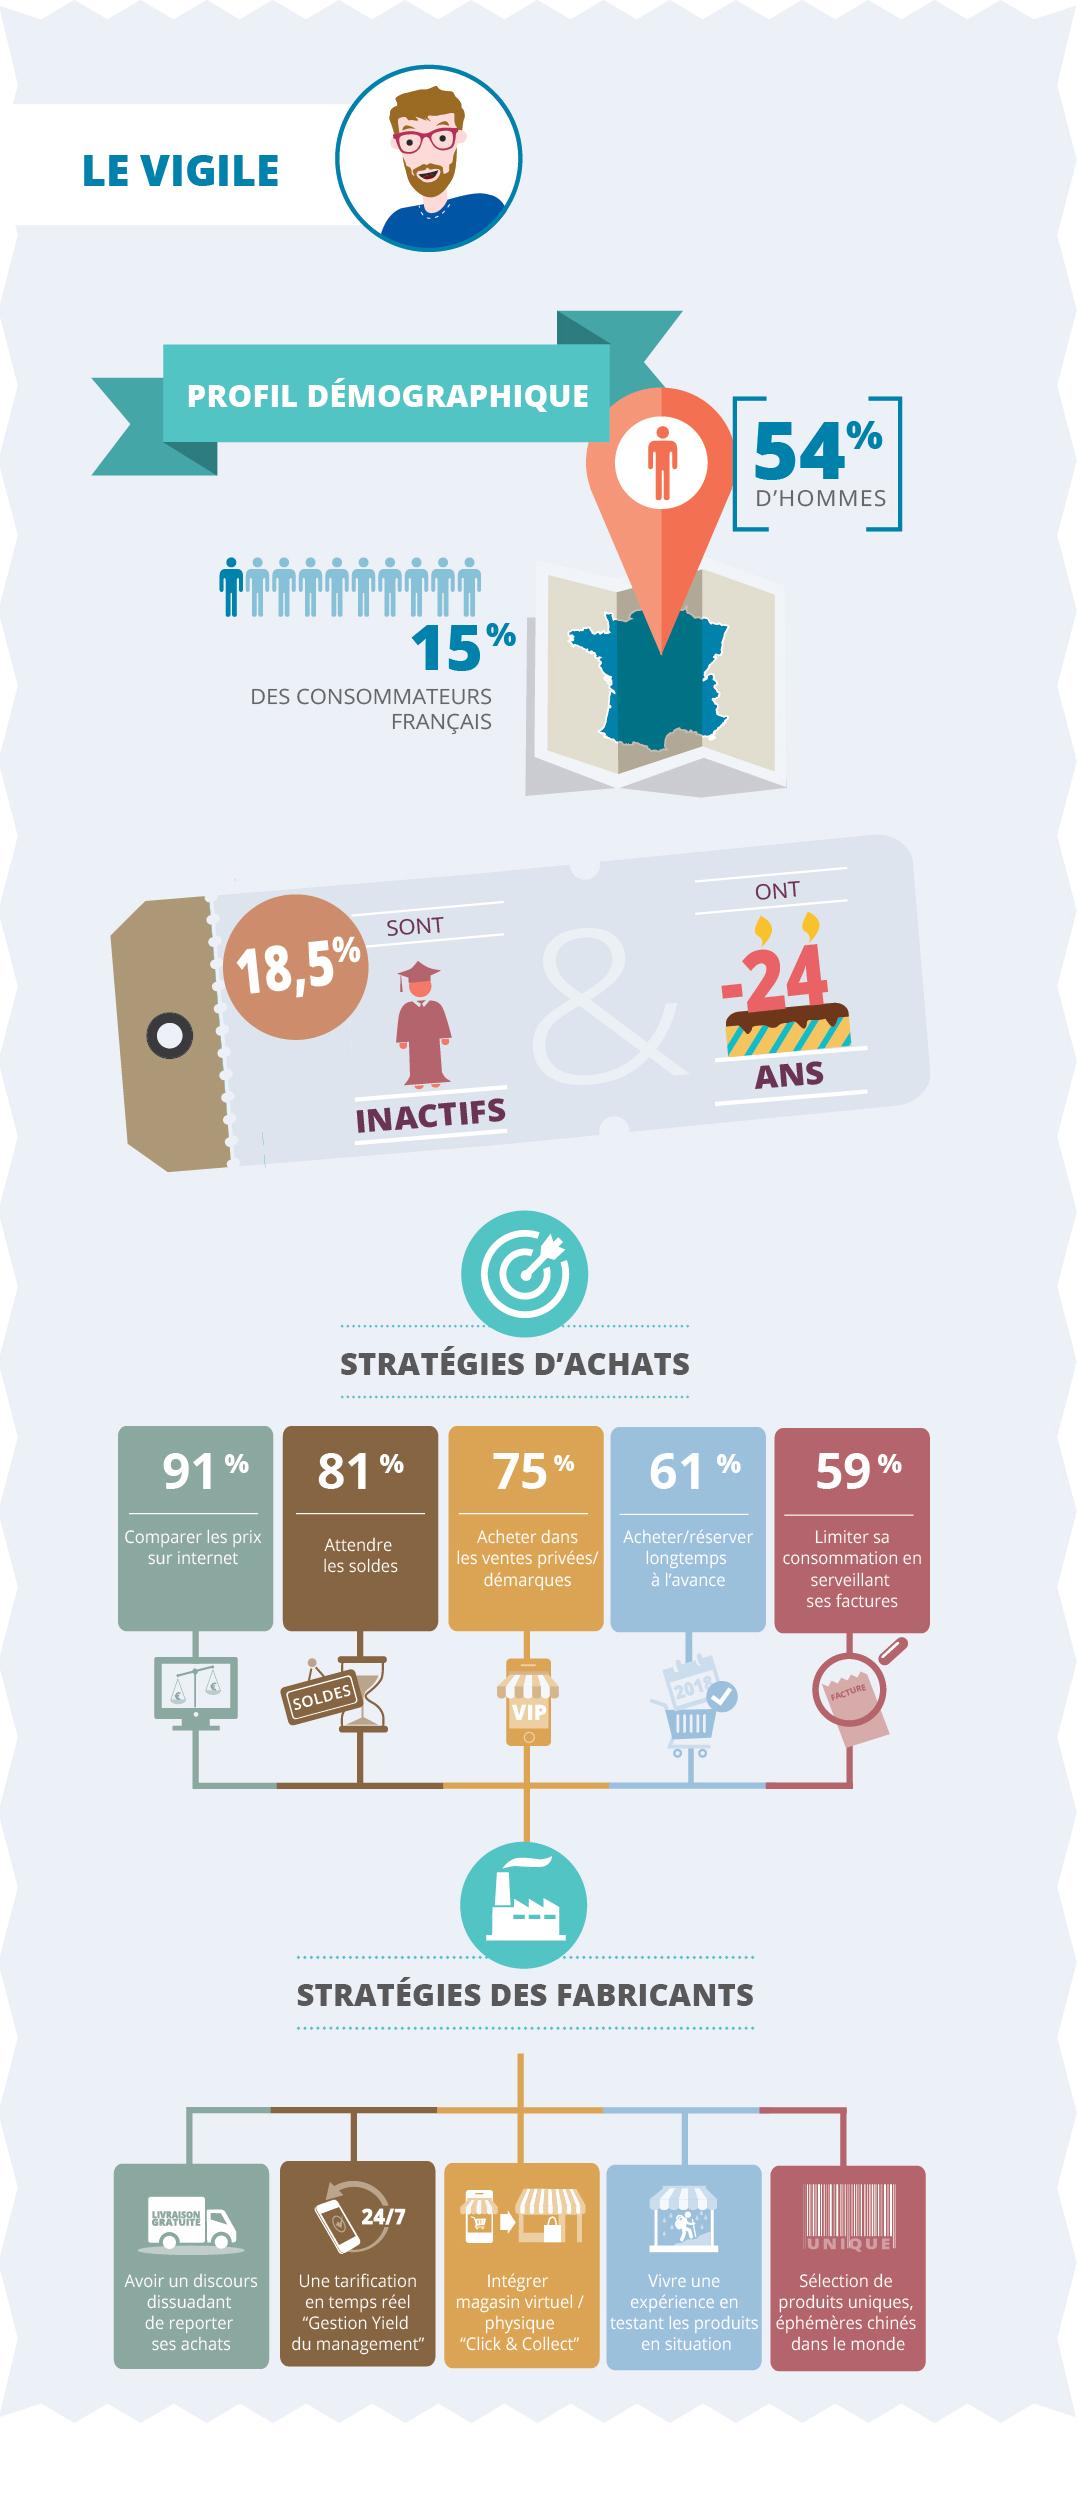 5 Profils Types Des Consommateurs D Aujourd Hui Comarketing News